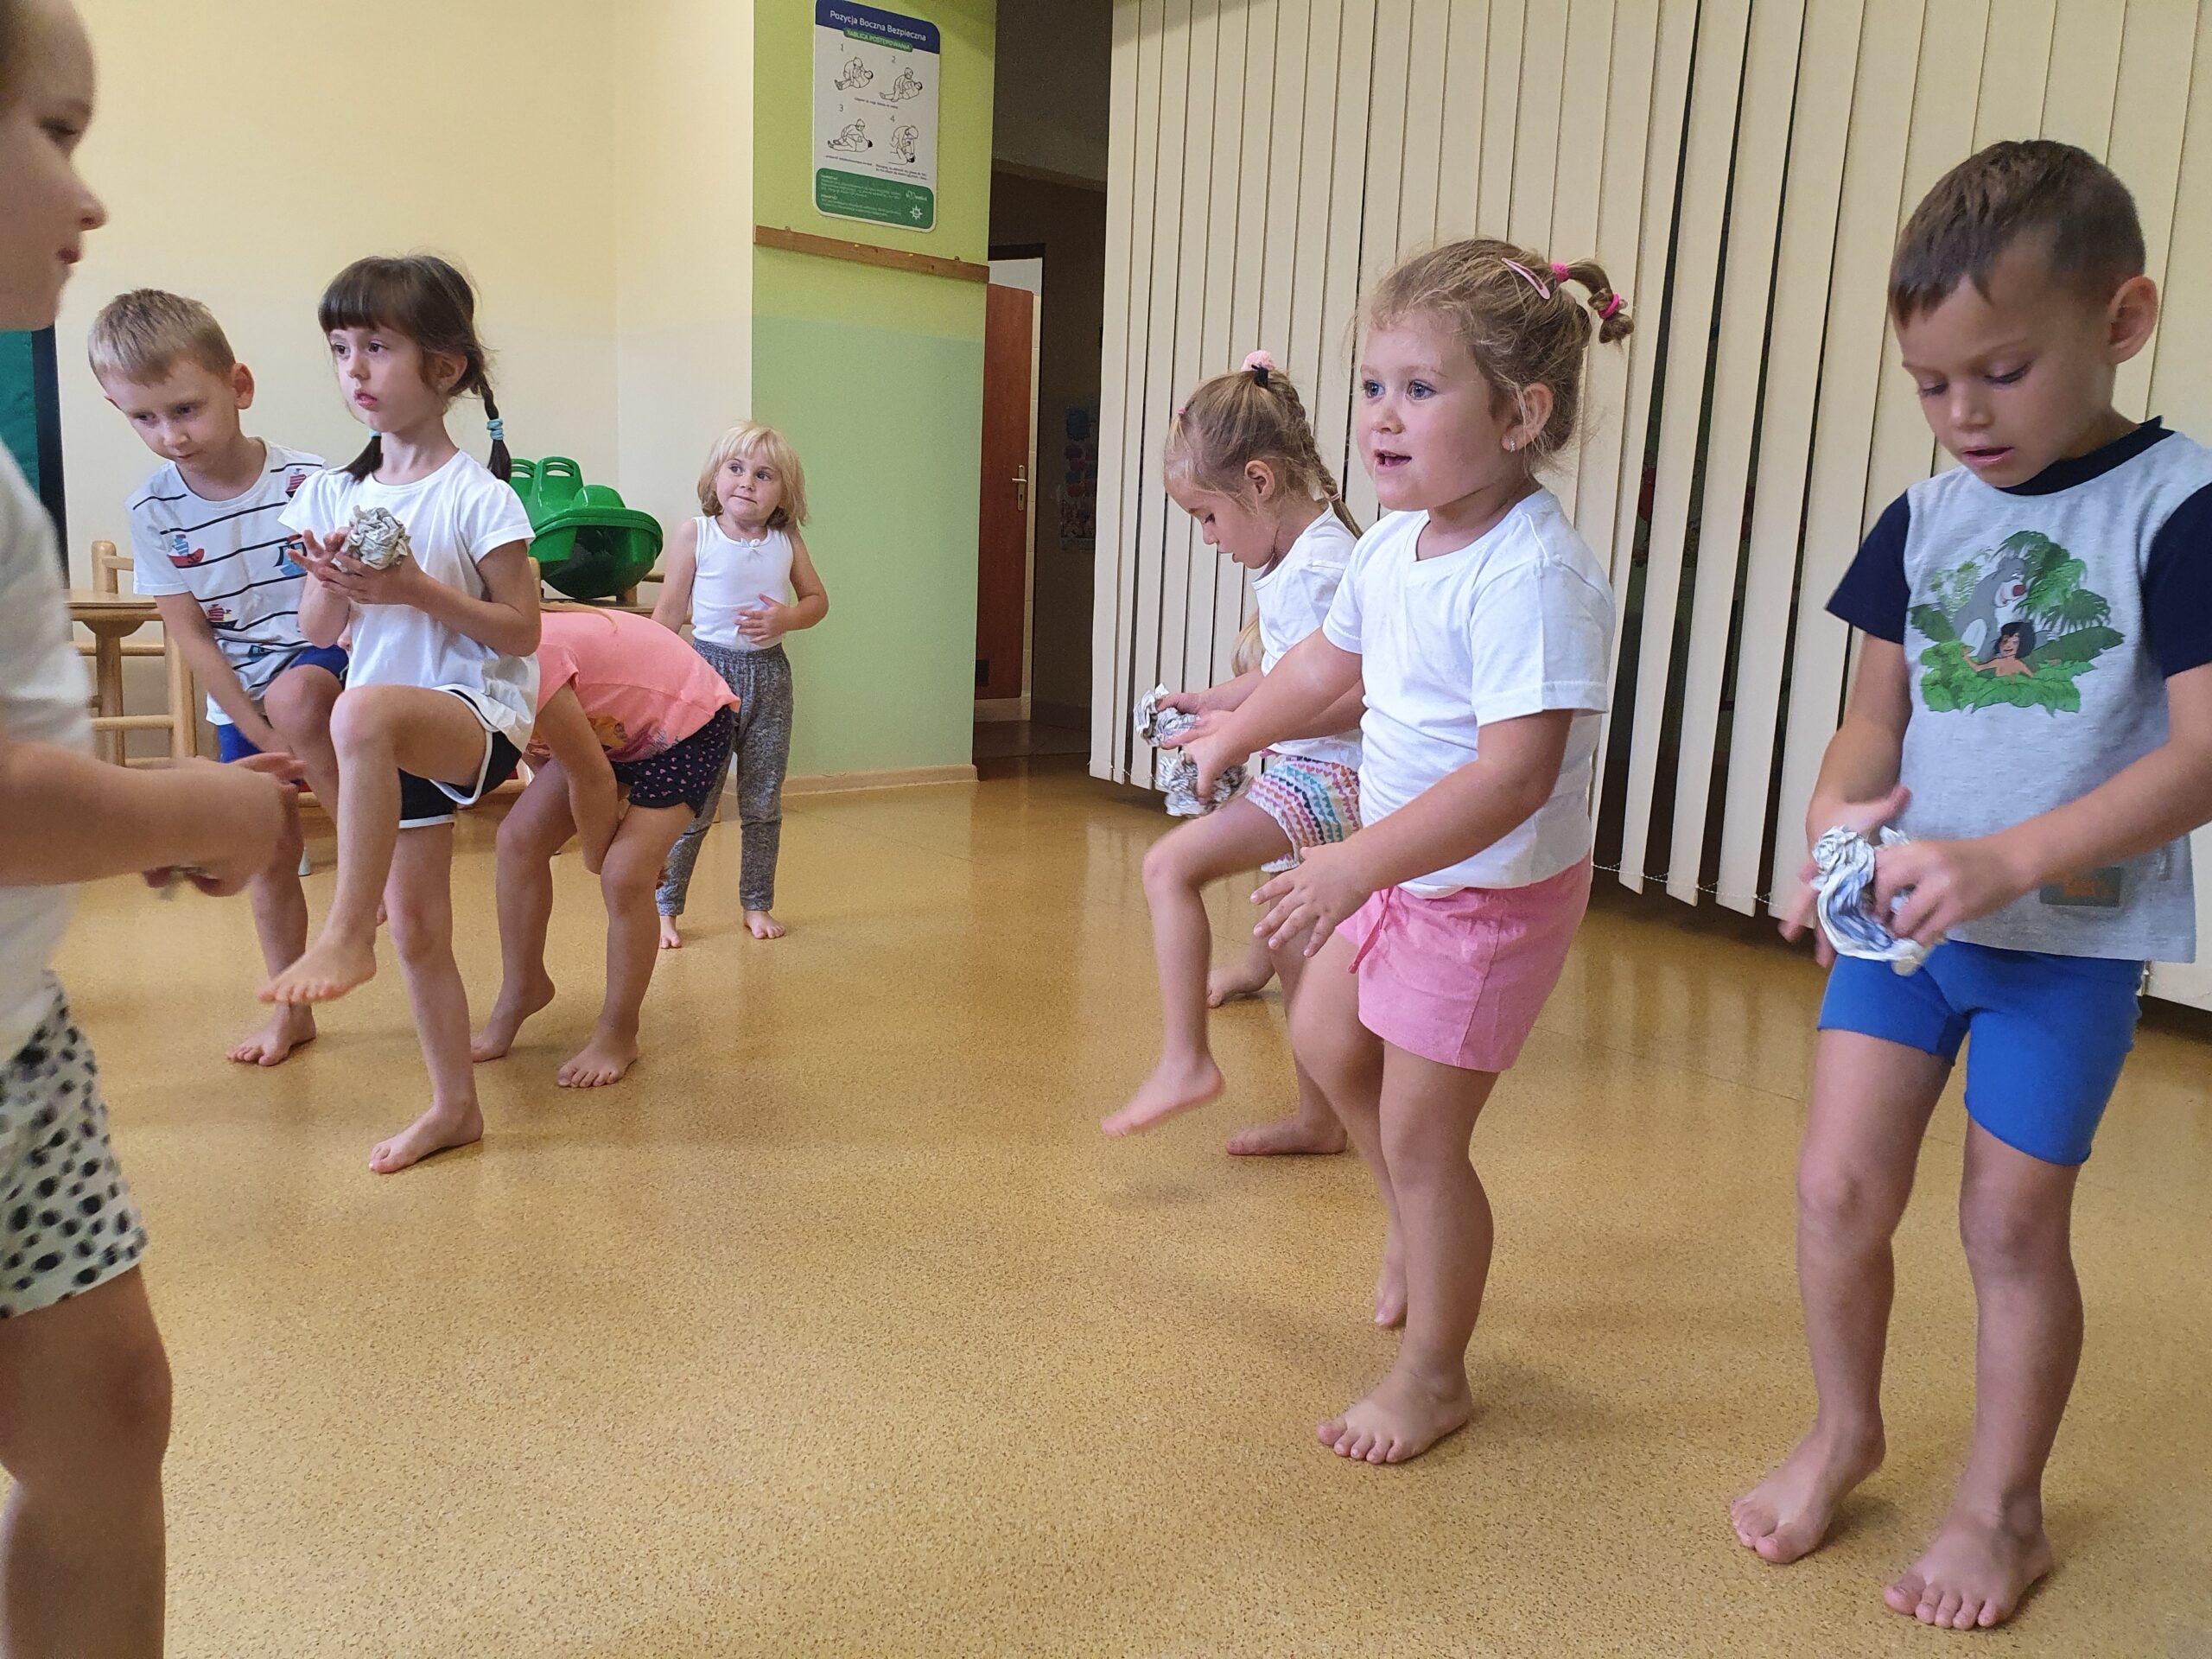 dzieci ćwiczą z kulkami z gazet, podnoszą nogi i przekładają pod nimi gazetę